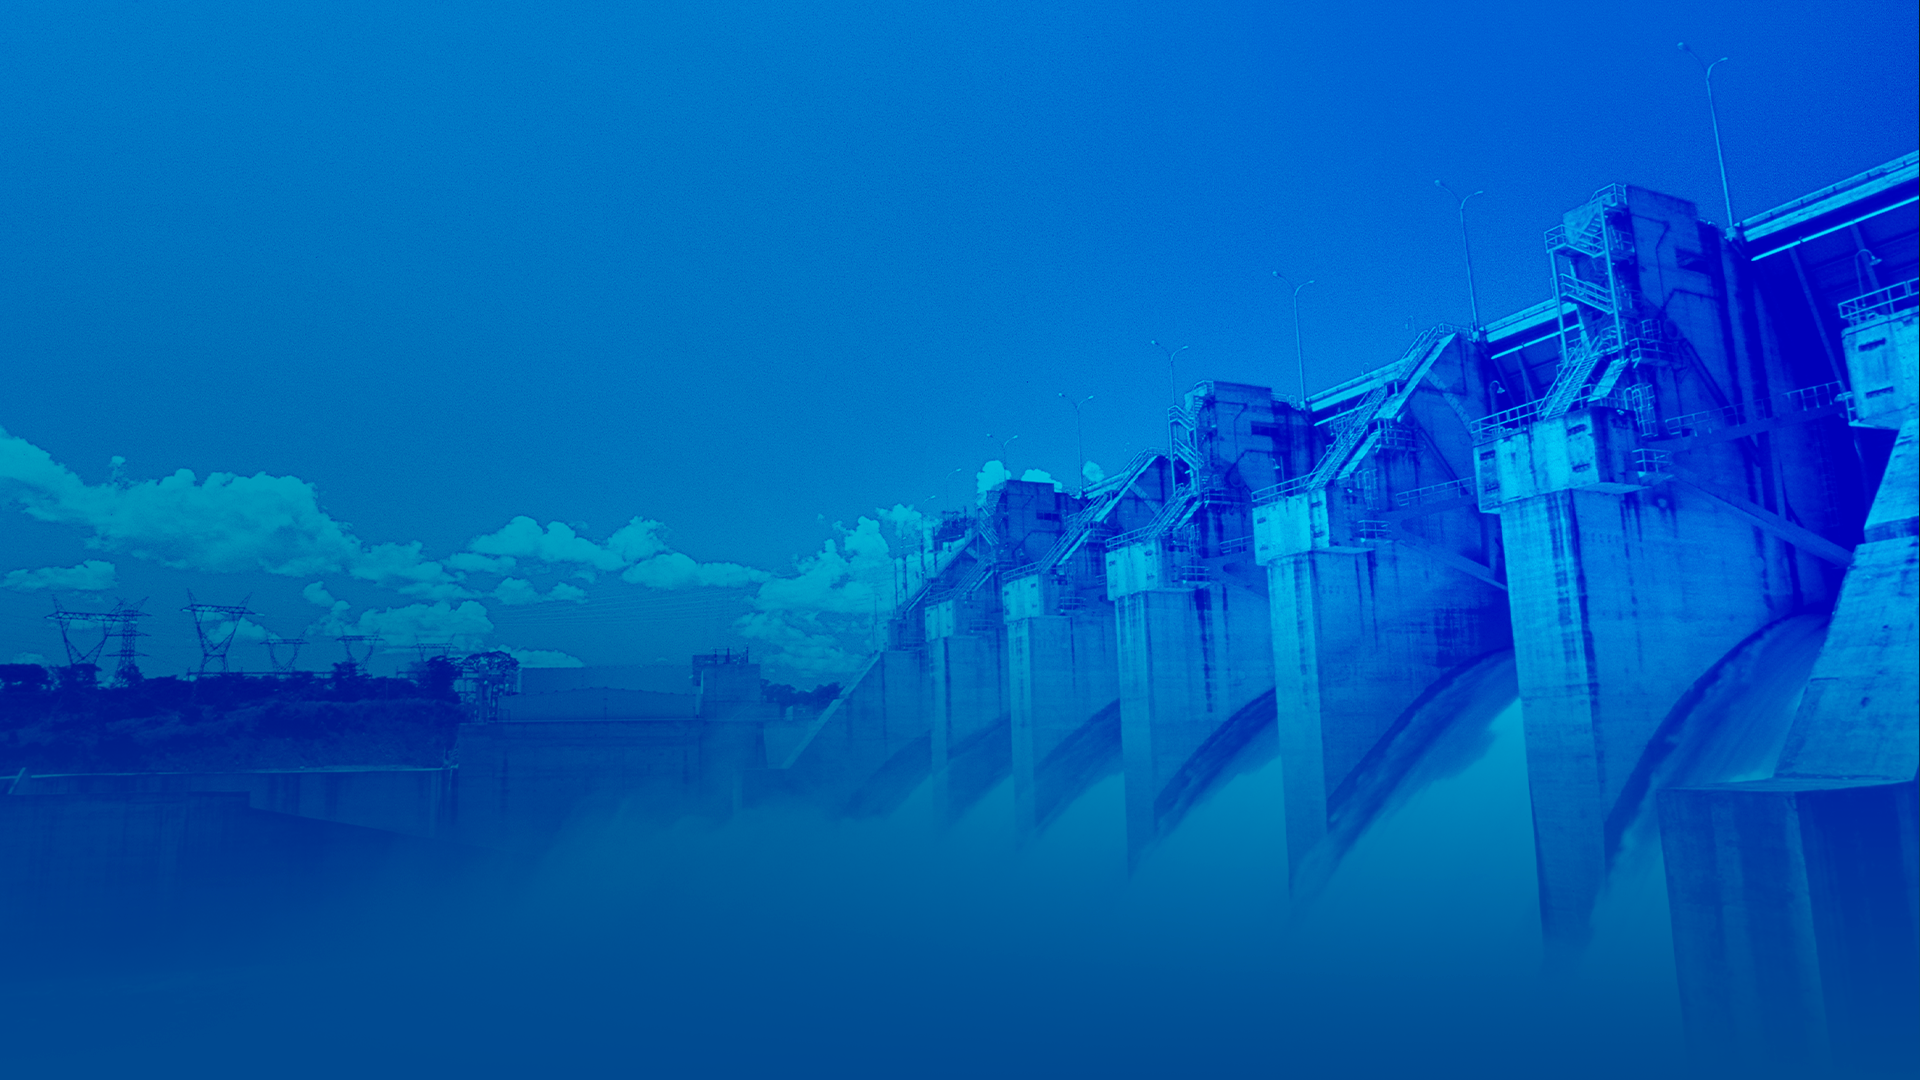 Engie (EGIE3), hidrelétrica